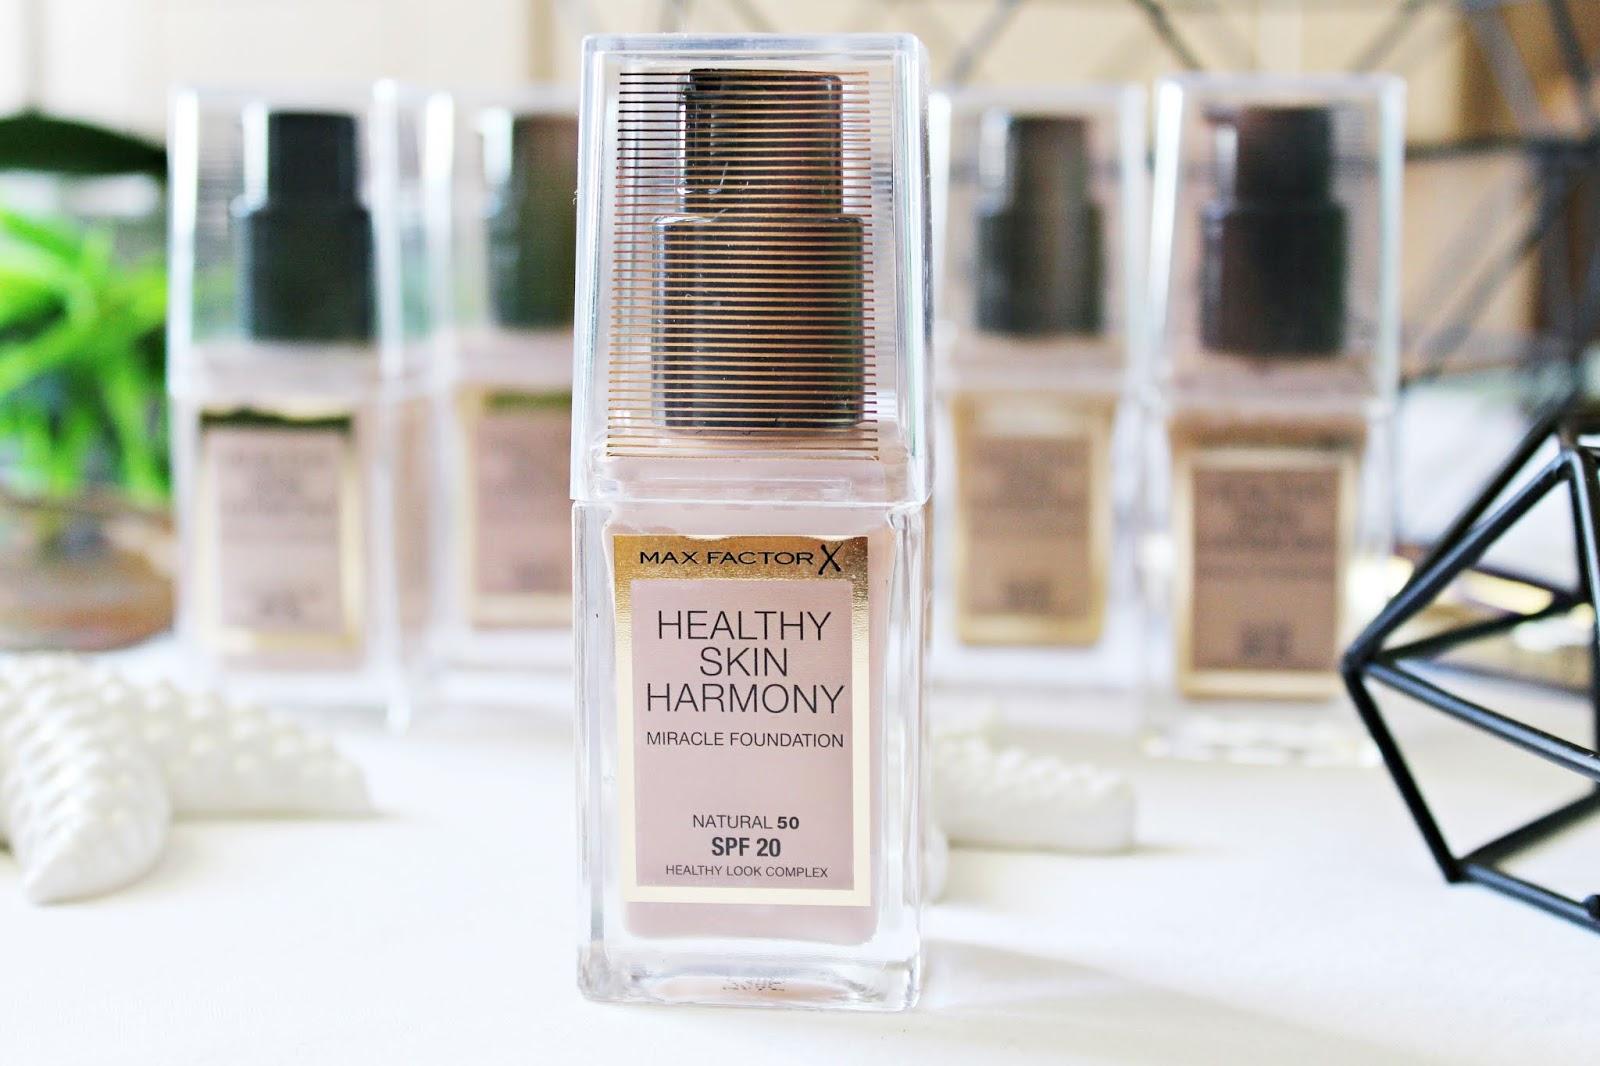 Podkład idealny na lato - Max Factor, Healthy Skin Harmony, Miracle Foundation SPF 20